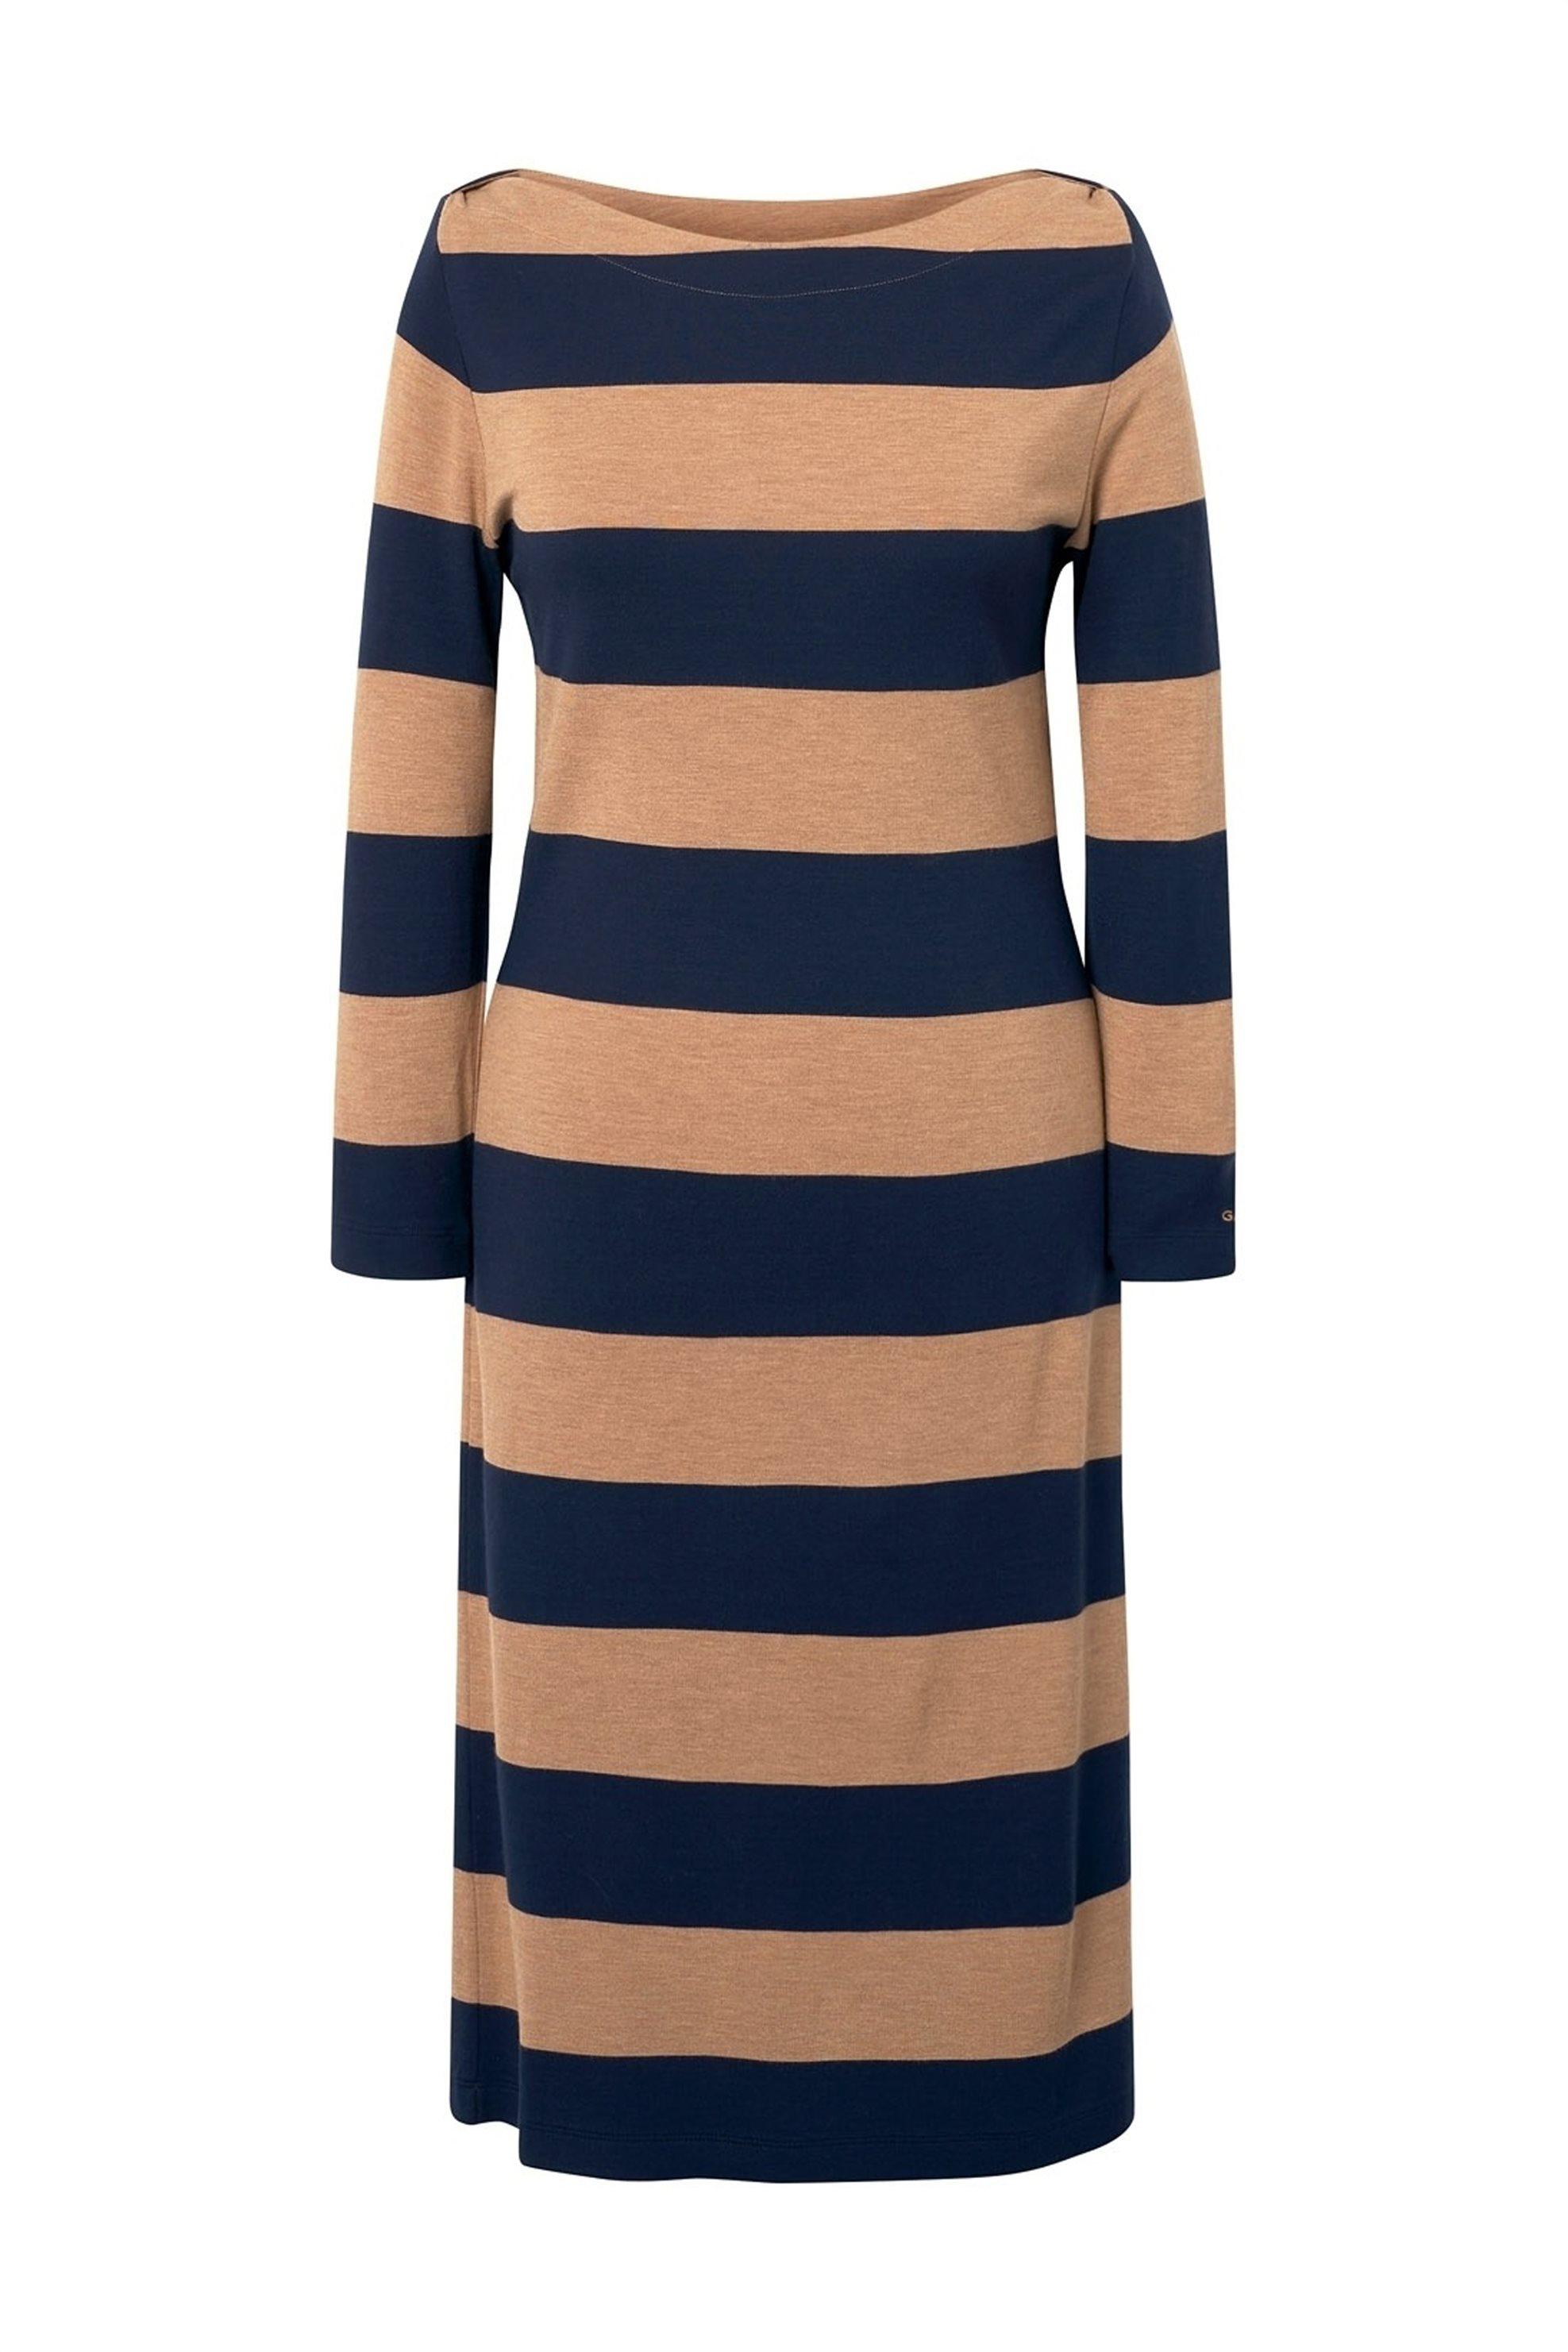 2c70c7bd7fa0 Notos - Γυναικεία Κοντά Φορέματα - Σελίδα 9